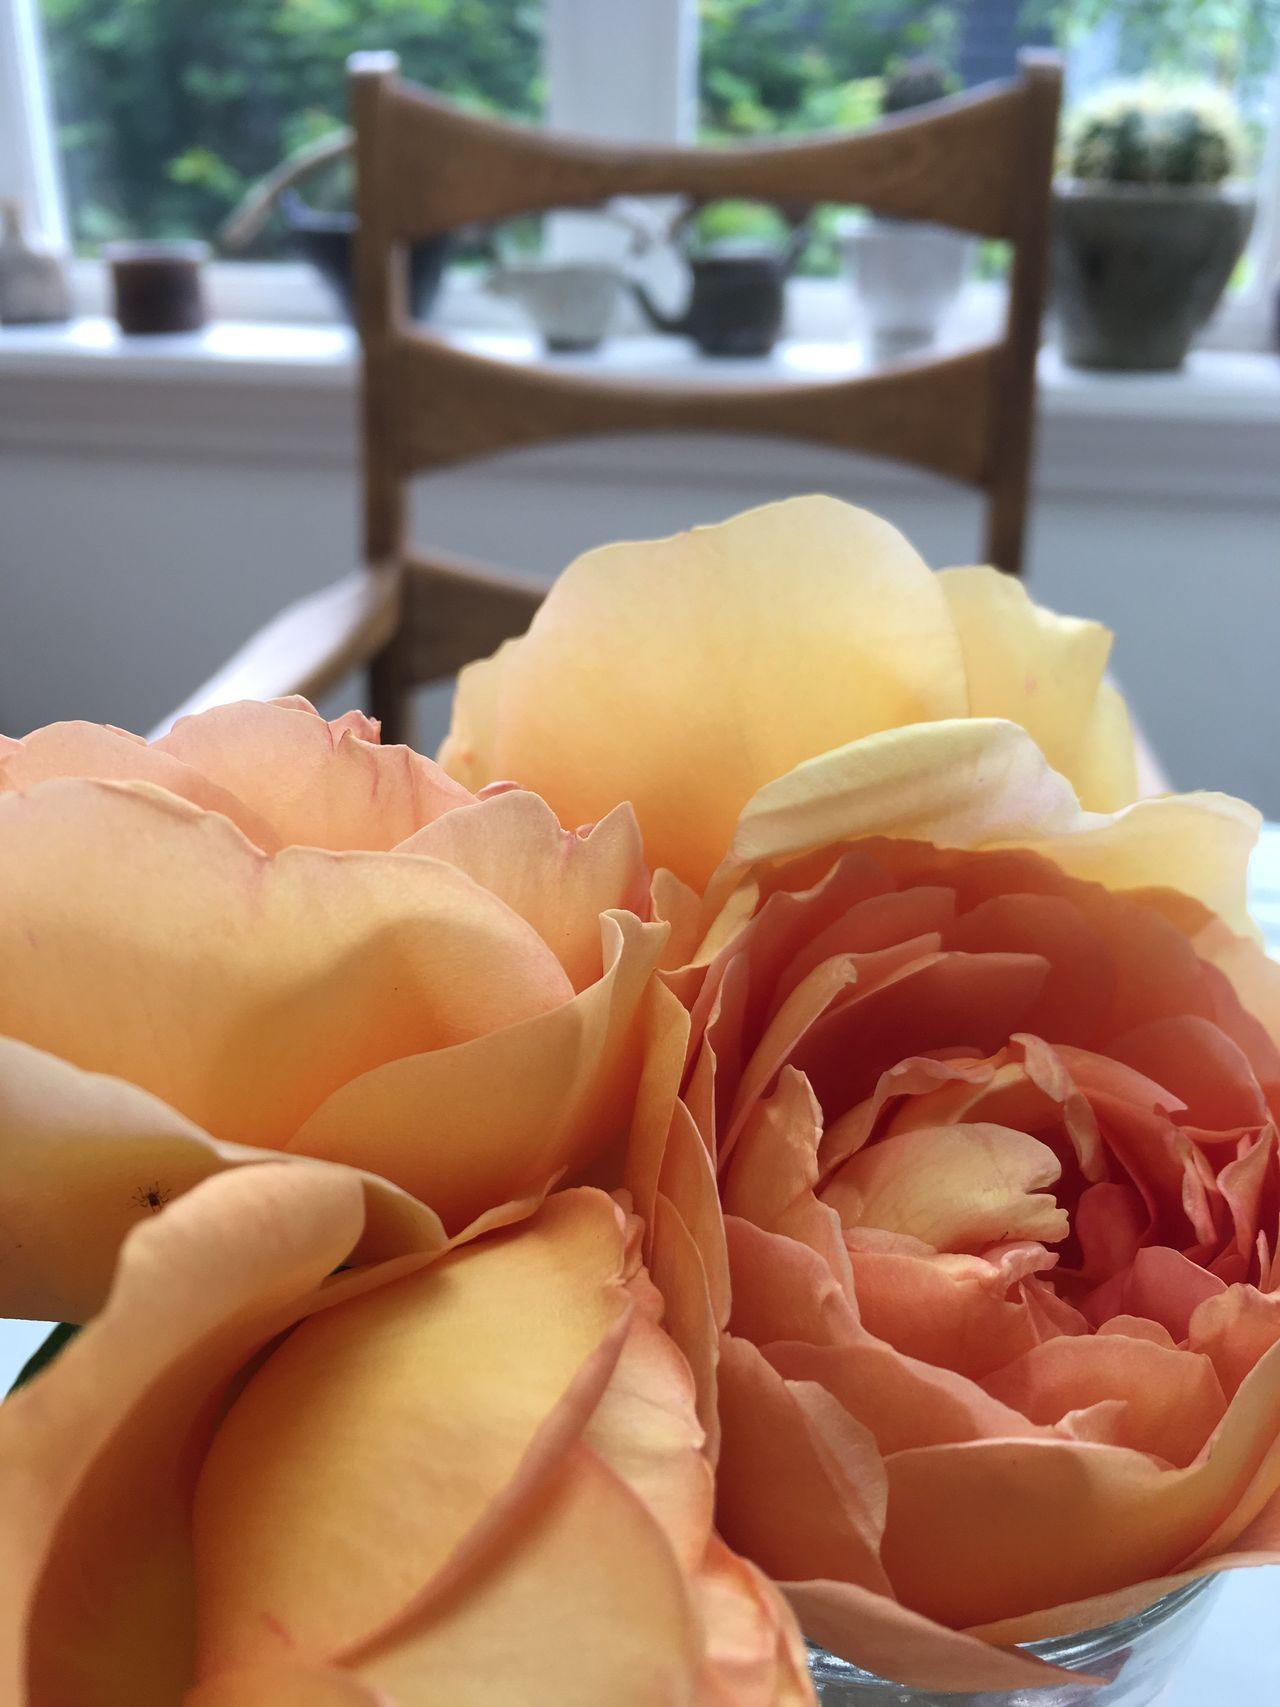 Flower Rose - Flower Soft Indoors  Petal Close-up